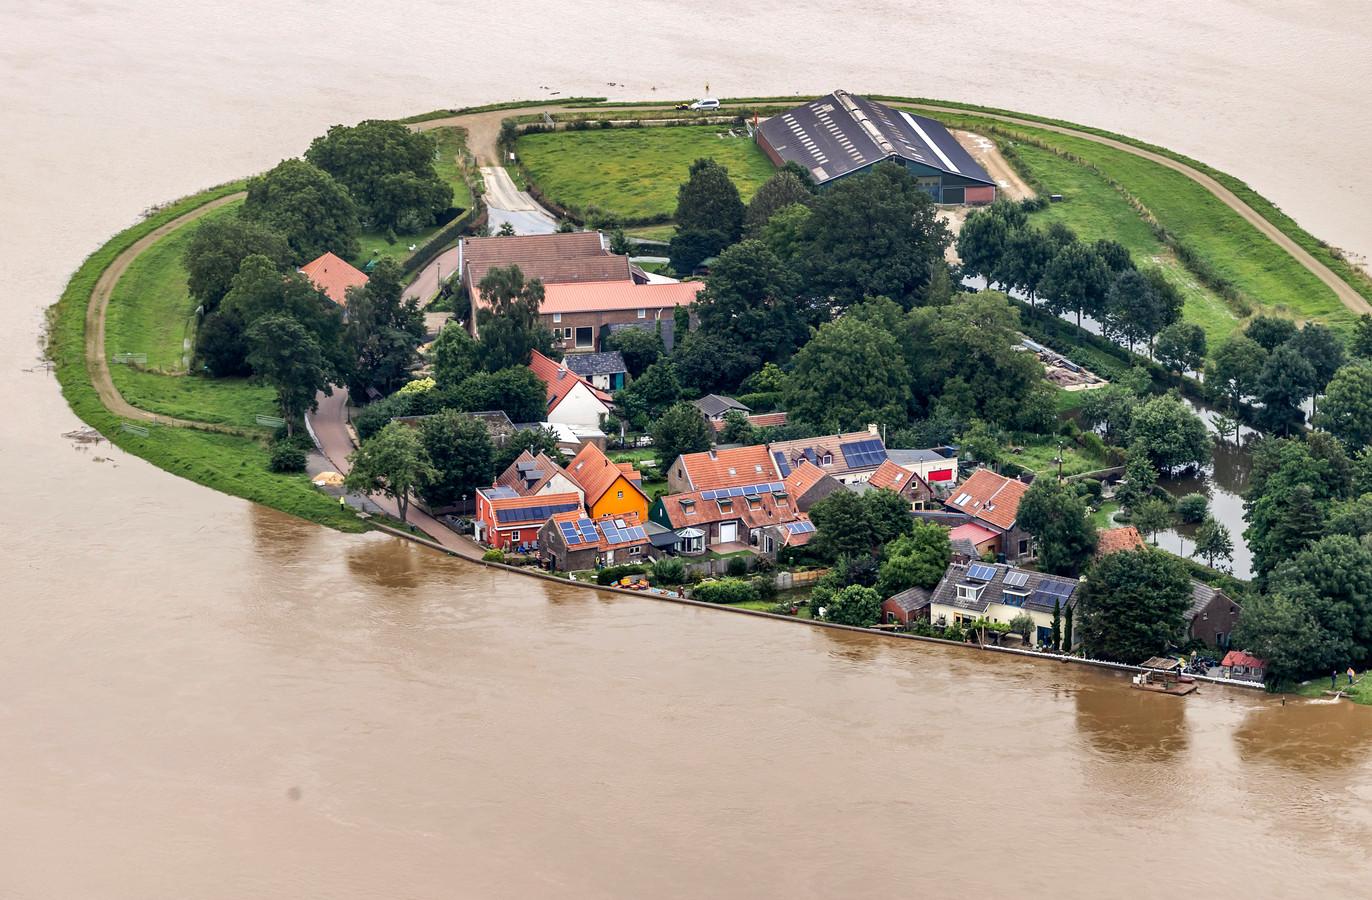 Luchtfoto van het gebied rond de Maas ten zuiden van Roermond na zware overstromingen.